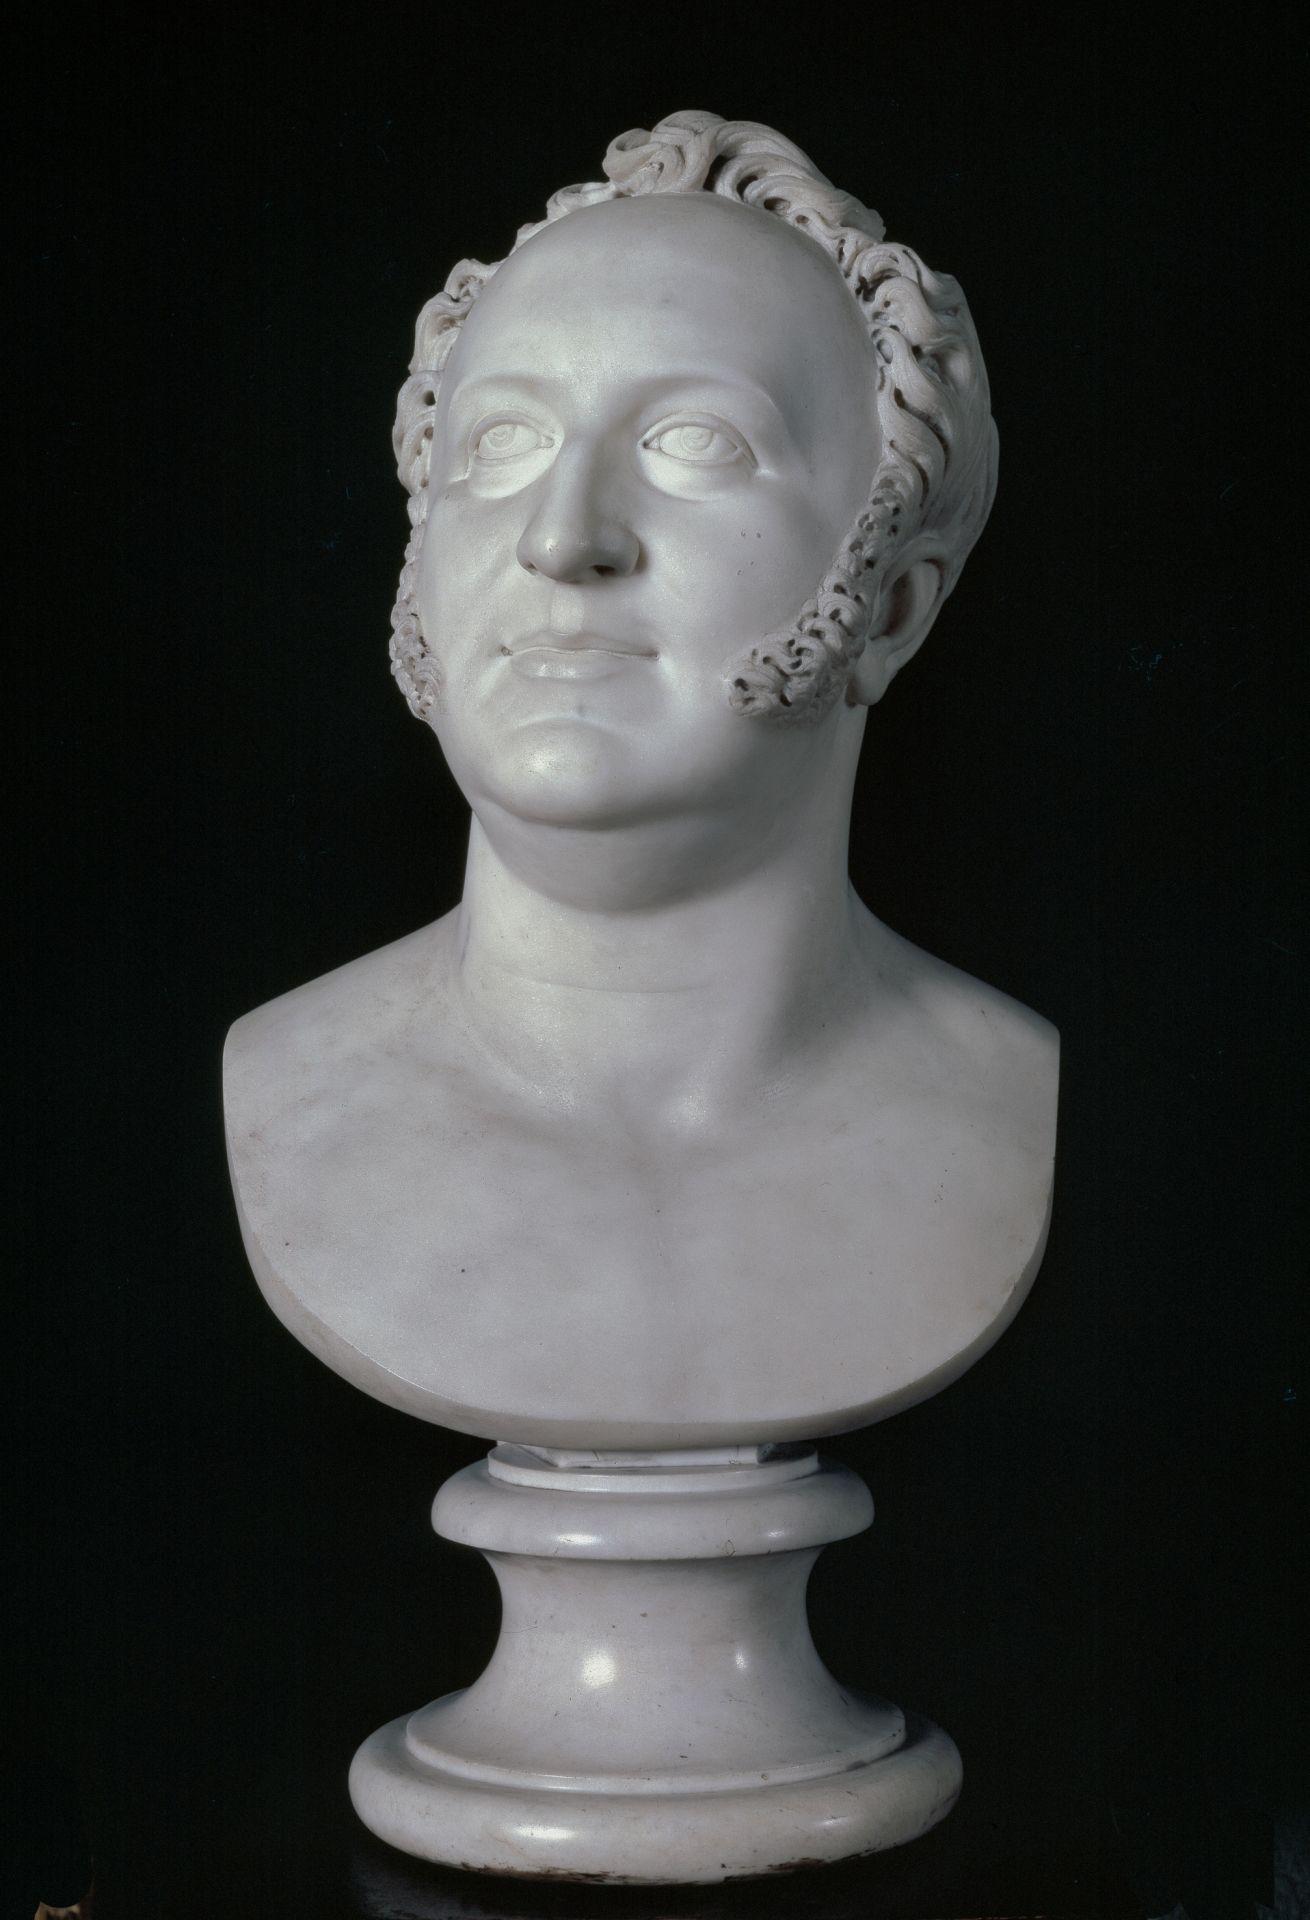 José Álvarez Cubero en el Museo del Prado